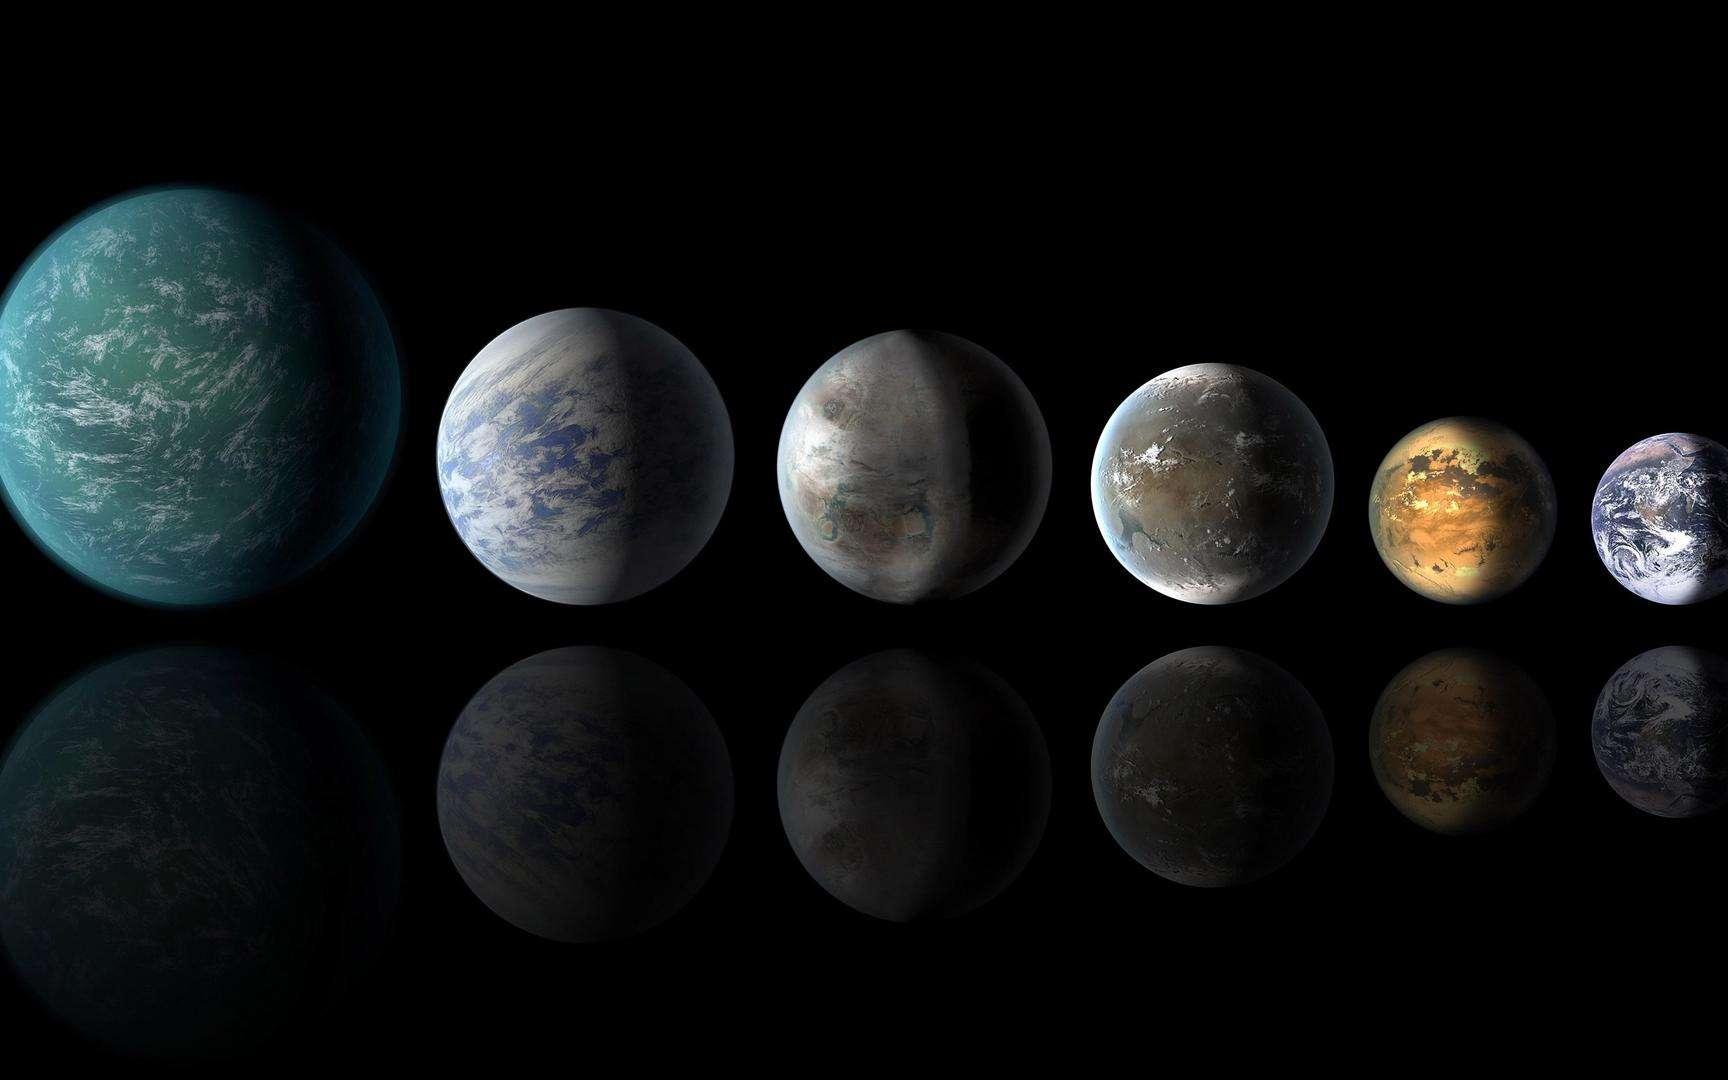 Un tiers des quelque 4.000 exoplanètes connues à ce jour seraient ce qu'on appelle des planètes-océans, des mondes où l'eau est présente dans une telle abondance qu'elle pourrait constituer jusqu'à la moitié de la masse totale de la planète. © Nasa